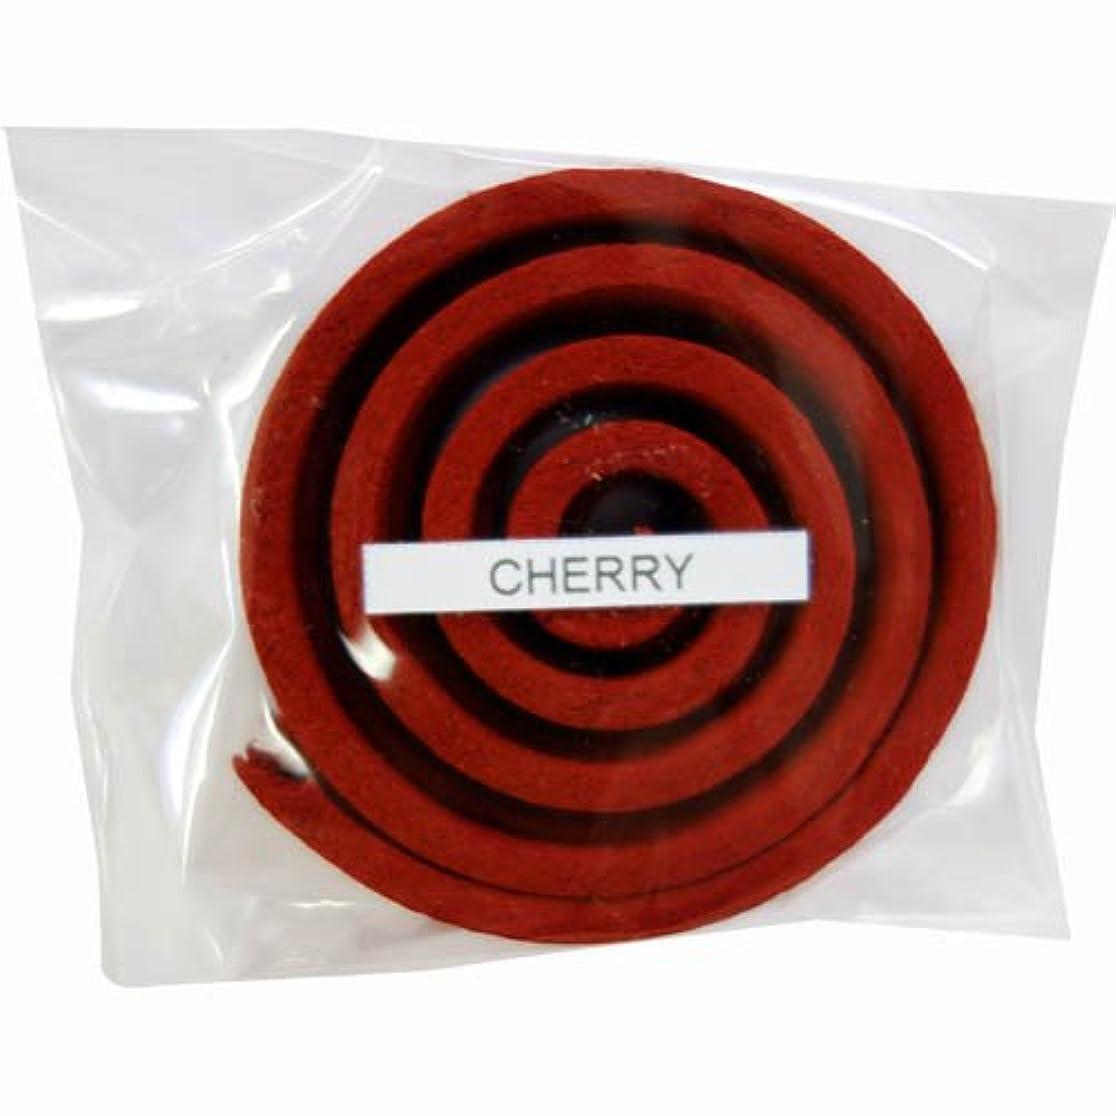 好色なヤギ乳製品お香/うずまき香 CHERRY チェリー 直径5cm×5巻セット [並行輸入品]